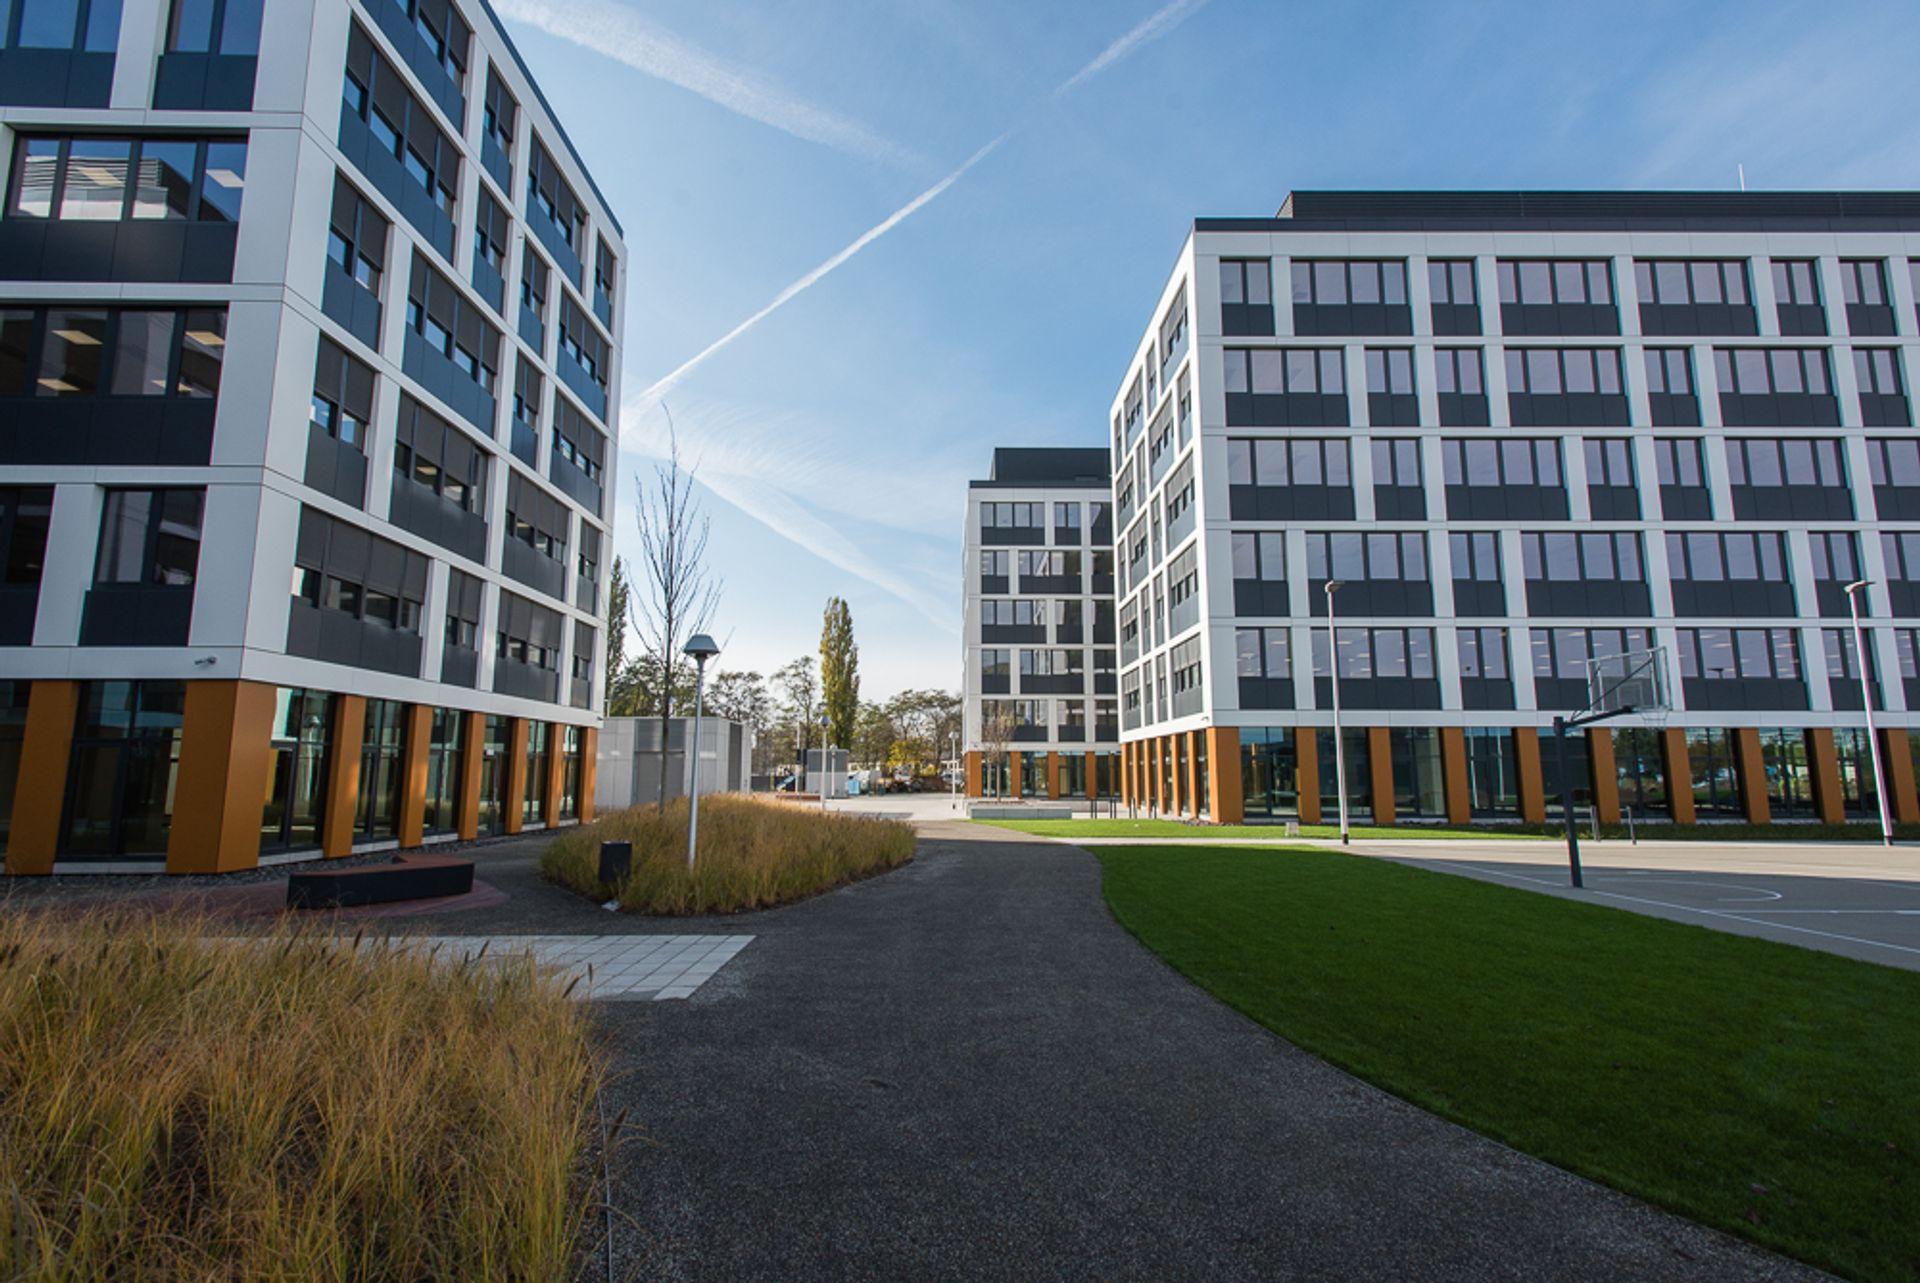 [Wrocław] Przybywa najemców w kompleksie biurowym, który rośnie obok Magnolii